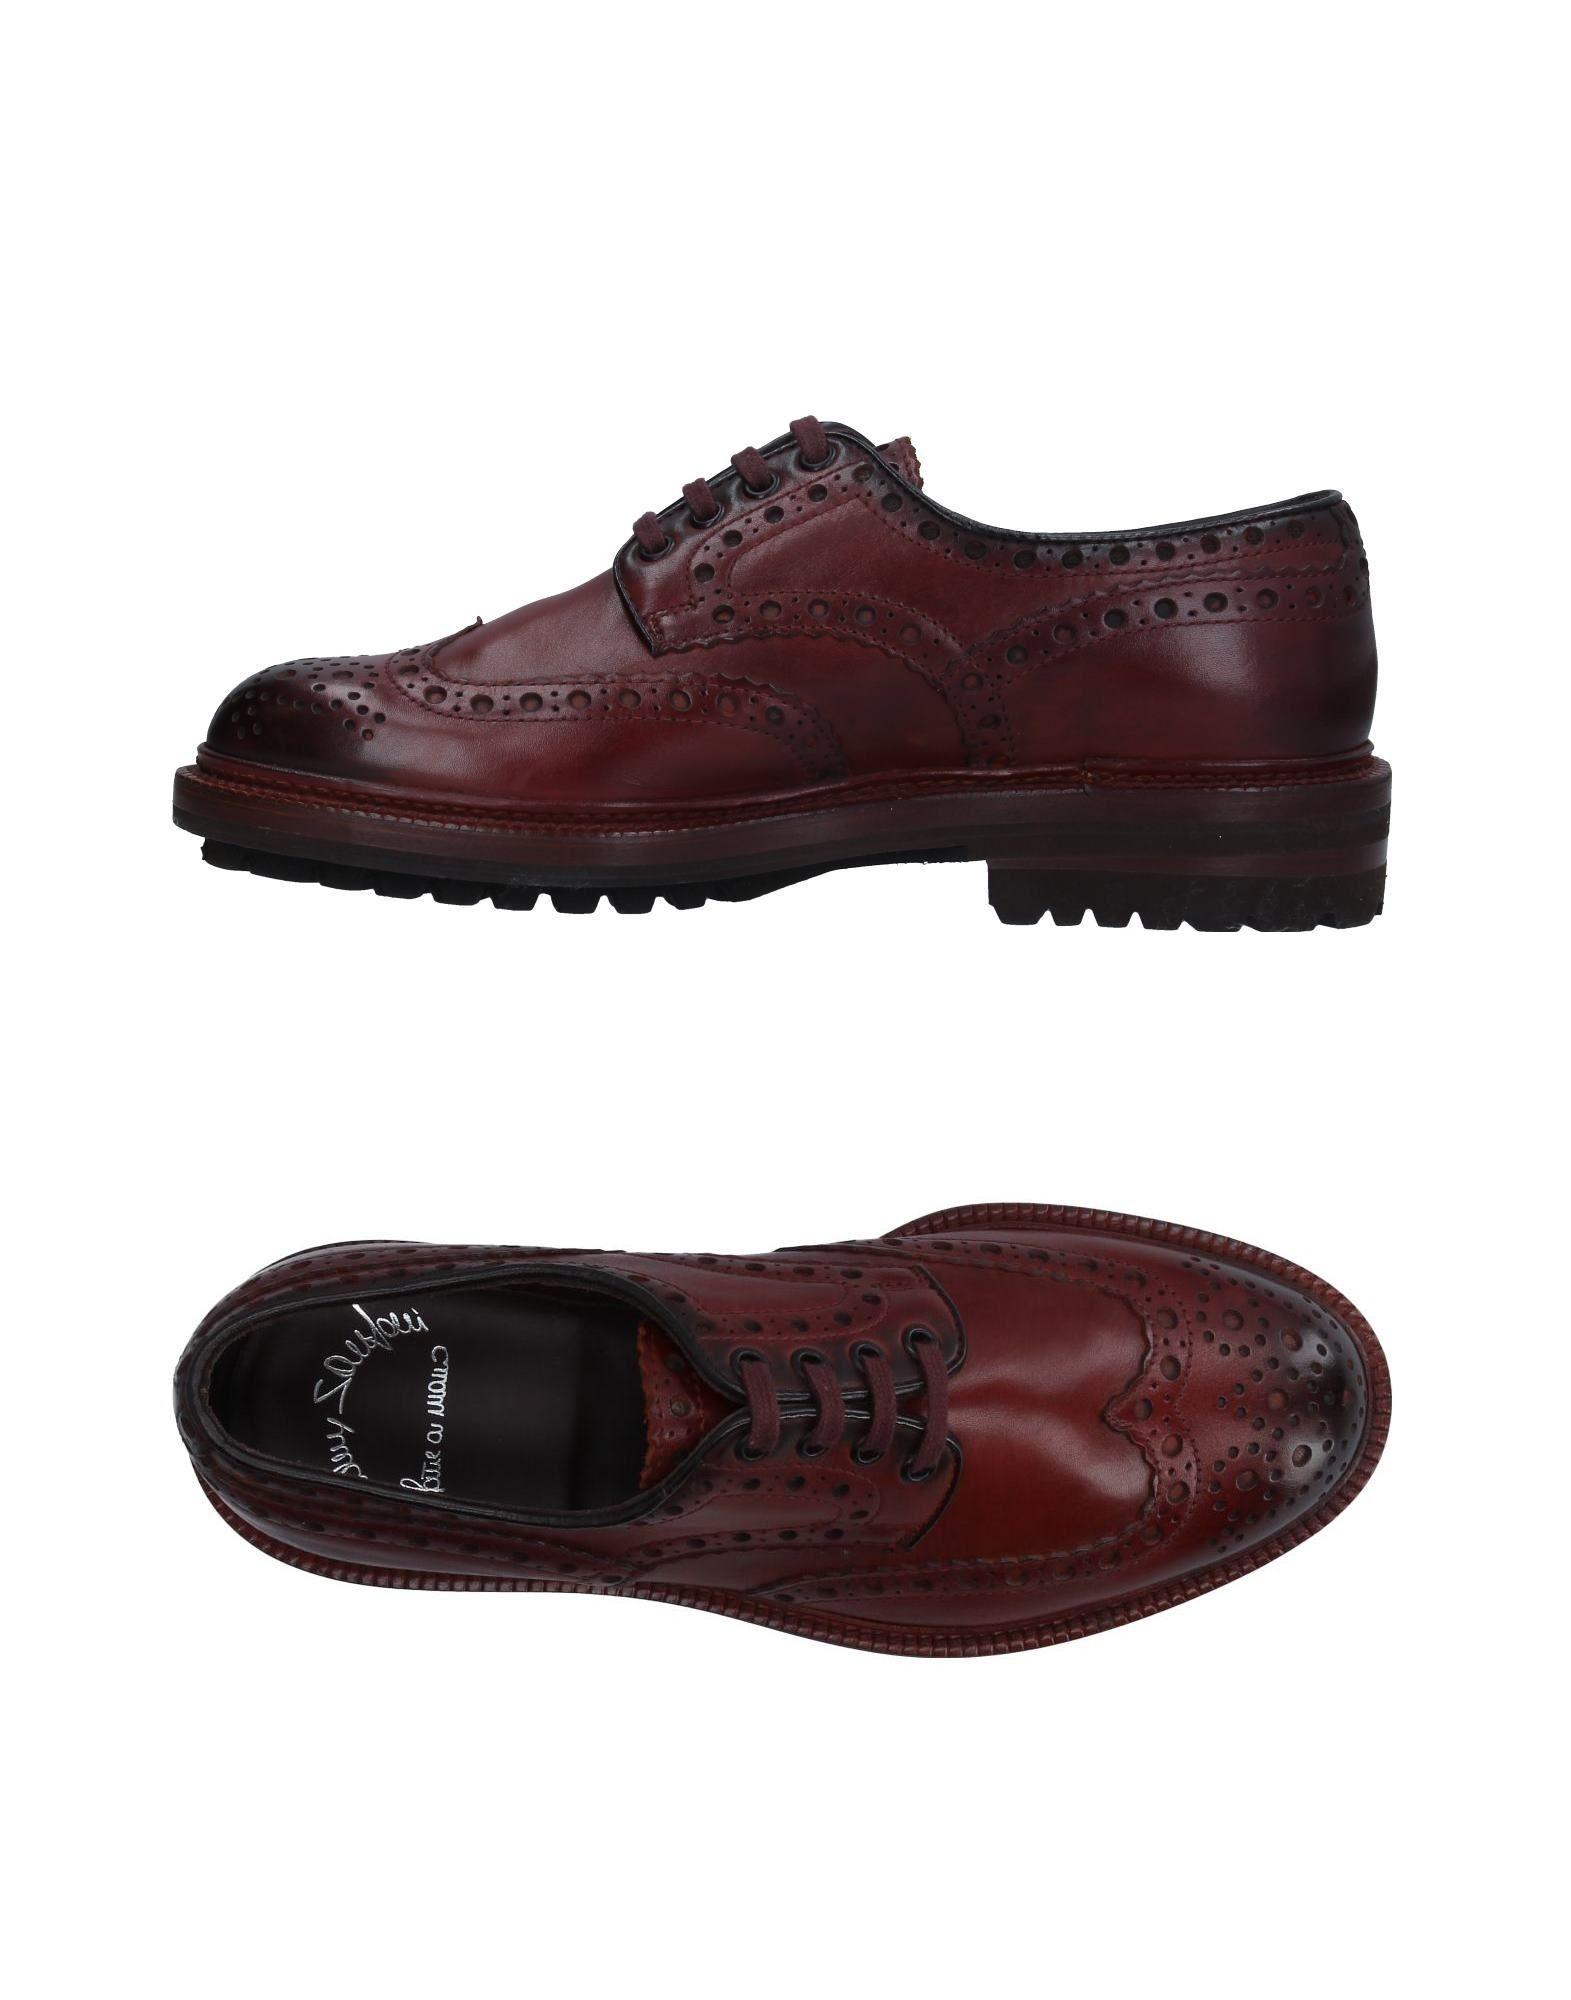 Santoni Gute Schnürschuhe Herren  11283852AB Gute Santoni Qualität beliebte Schuhe b824d5